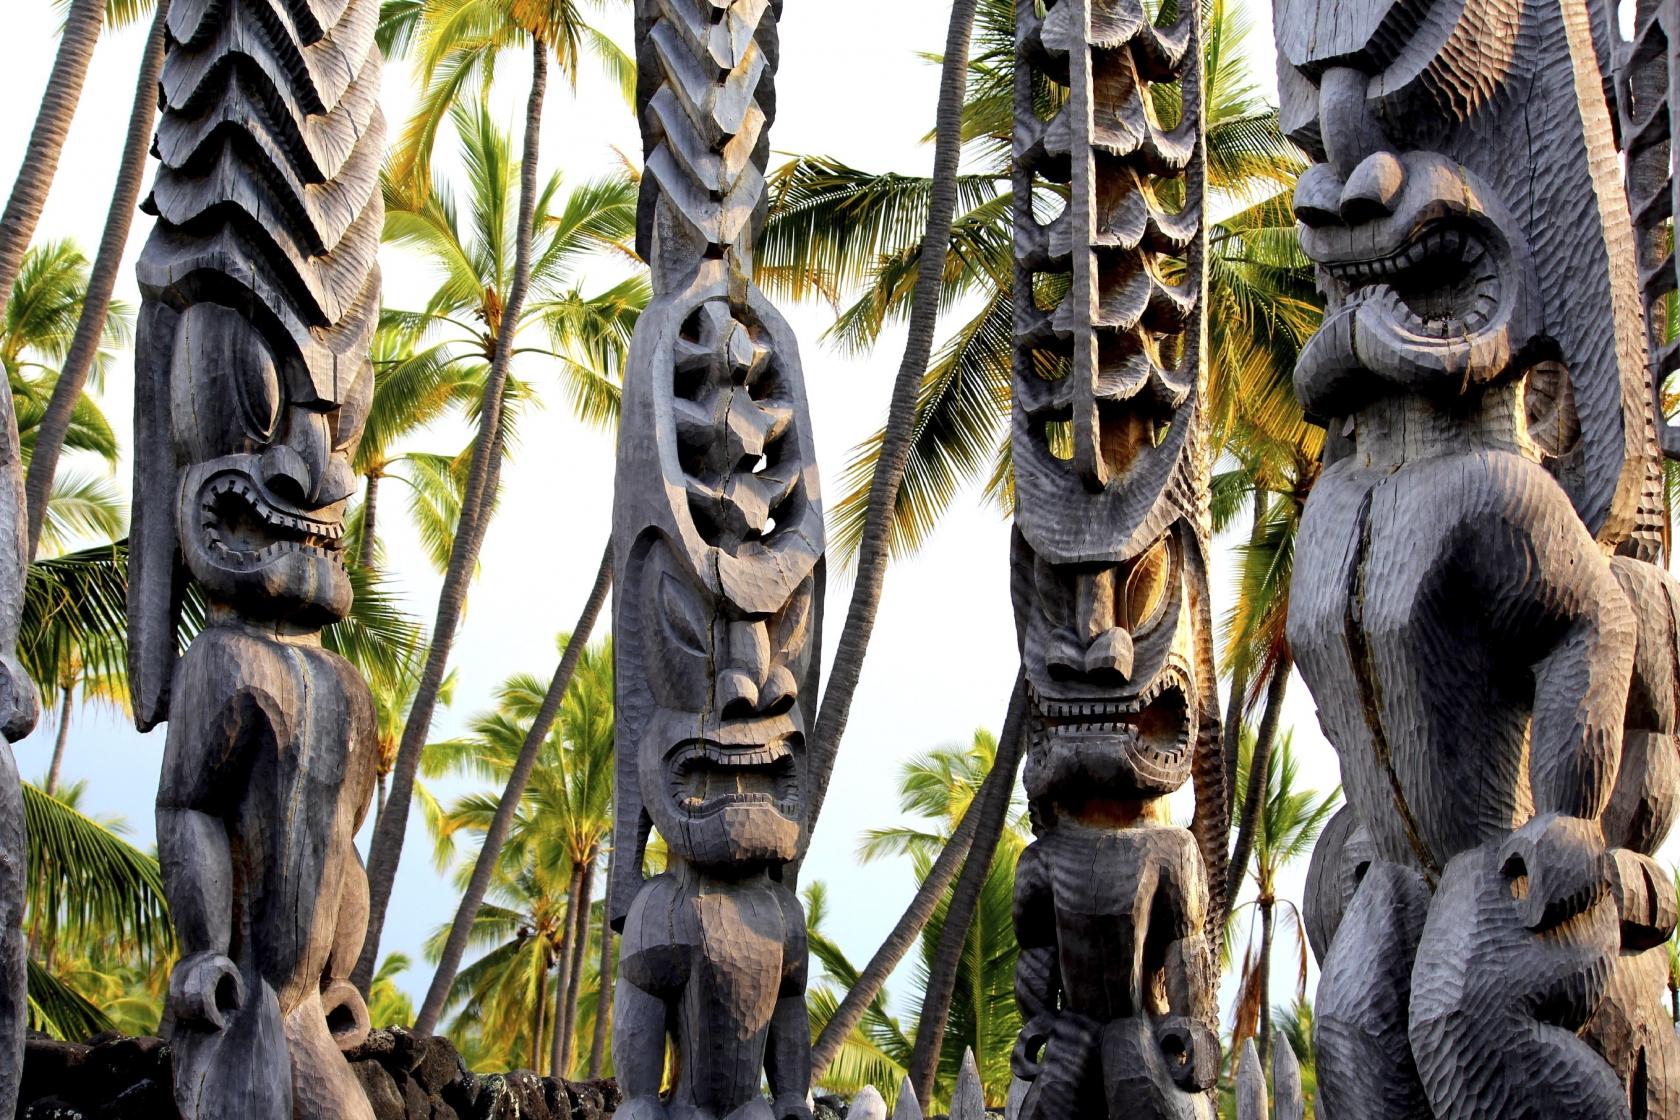 Cuatro tótems de madera con el sol que ilumina las caras talladas en el Parque Nacional de Pu'uhonua